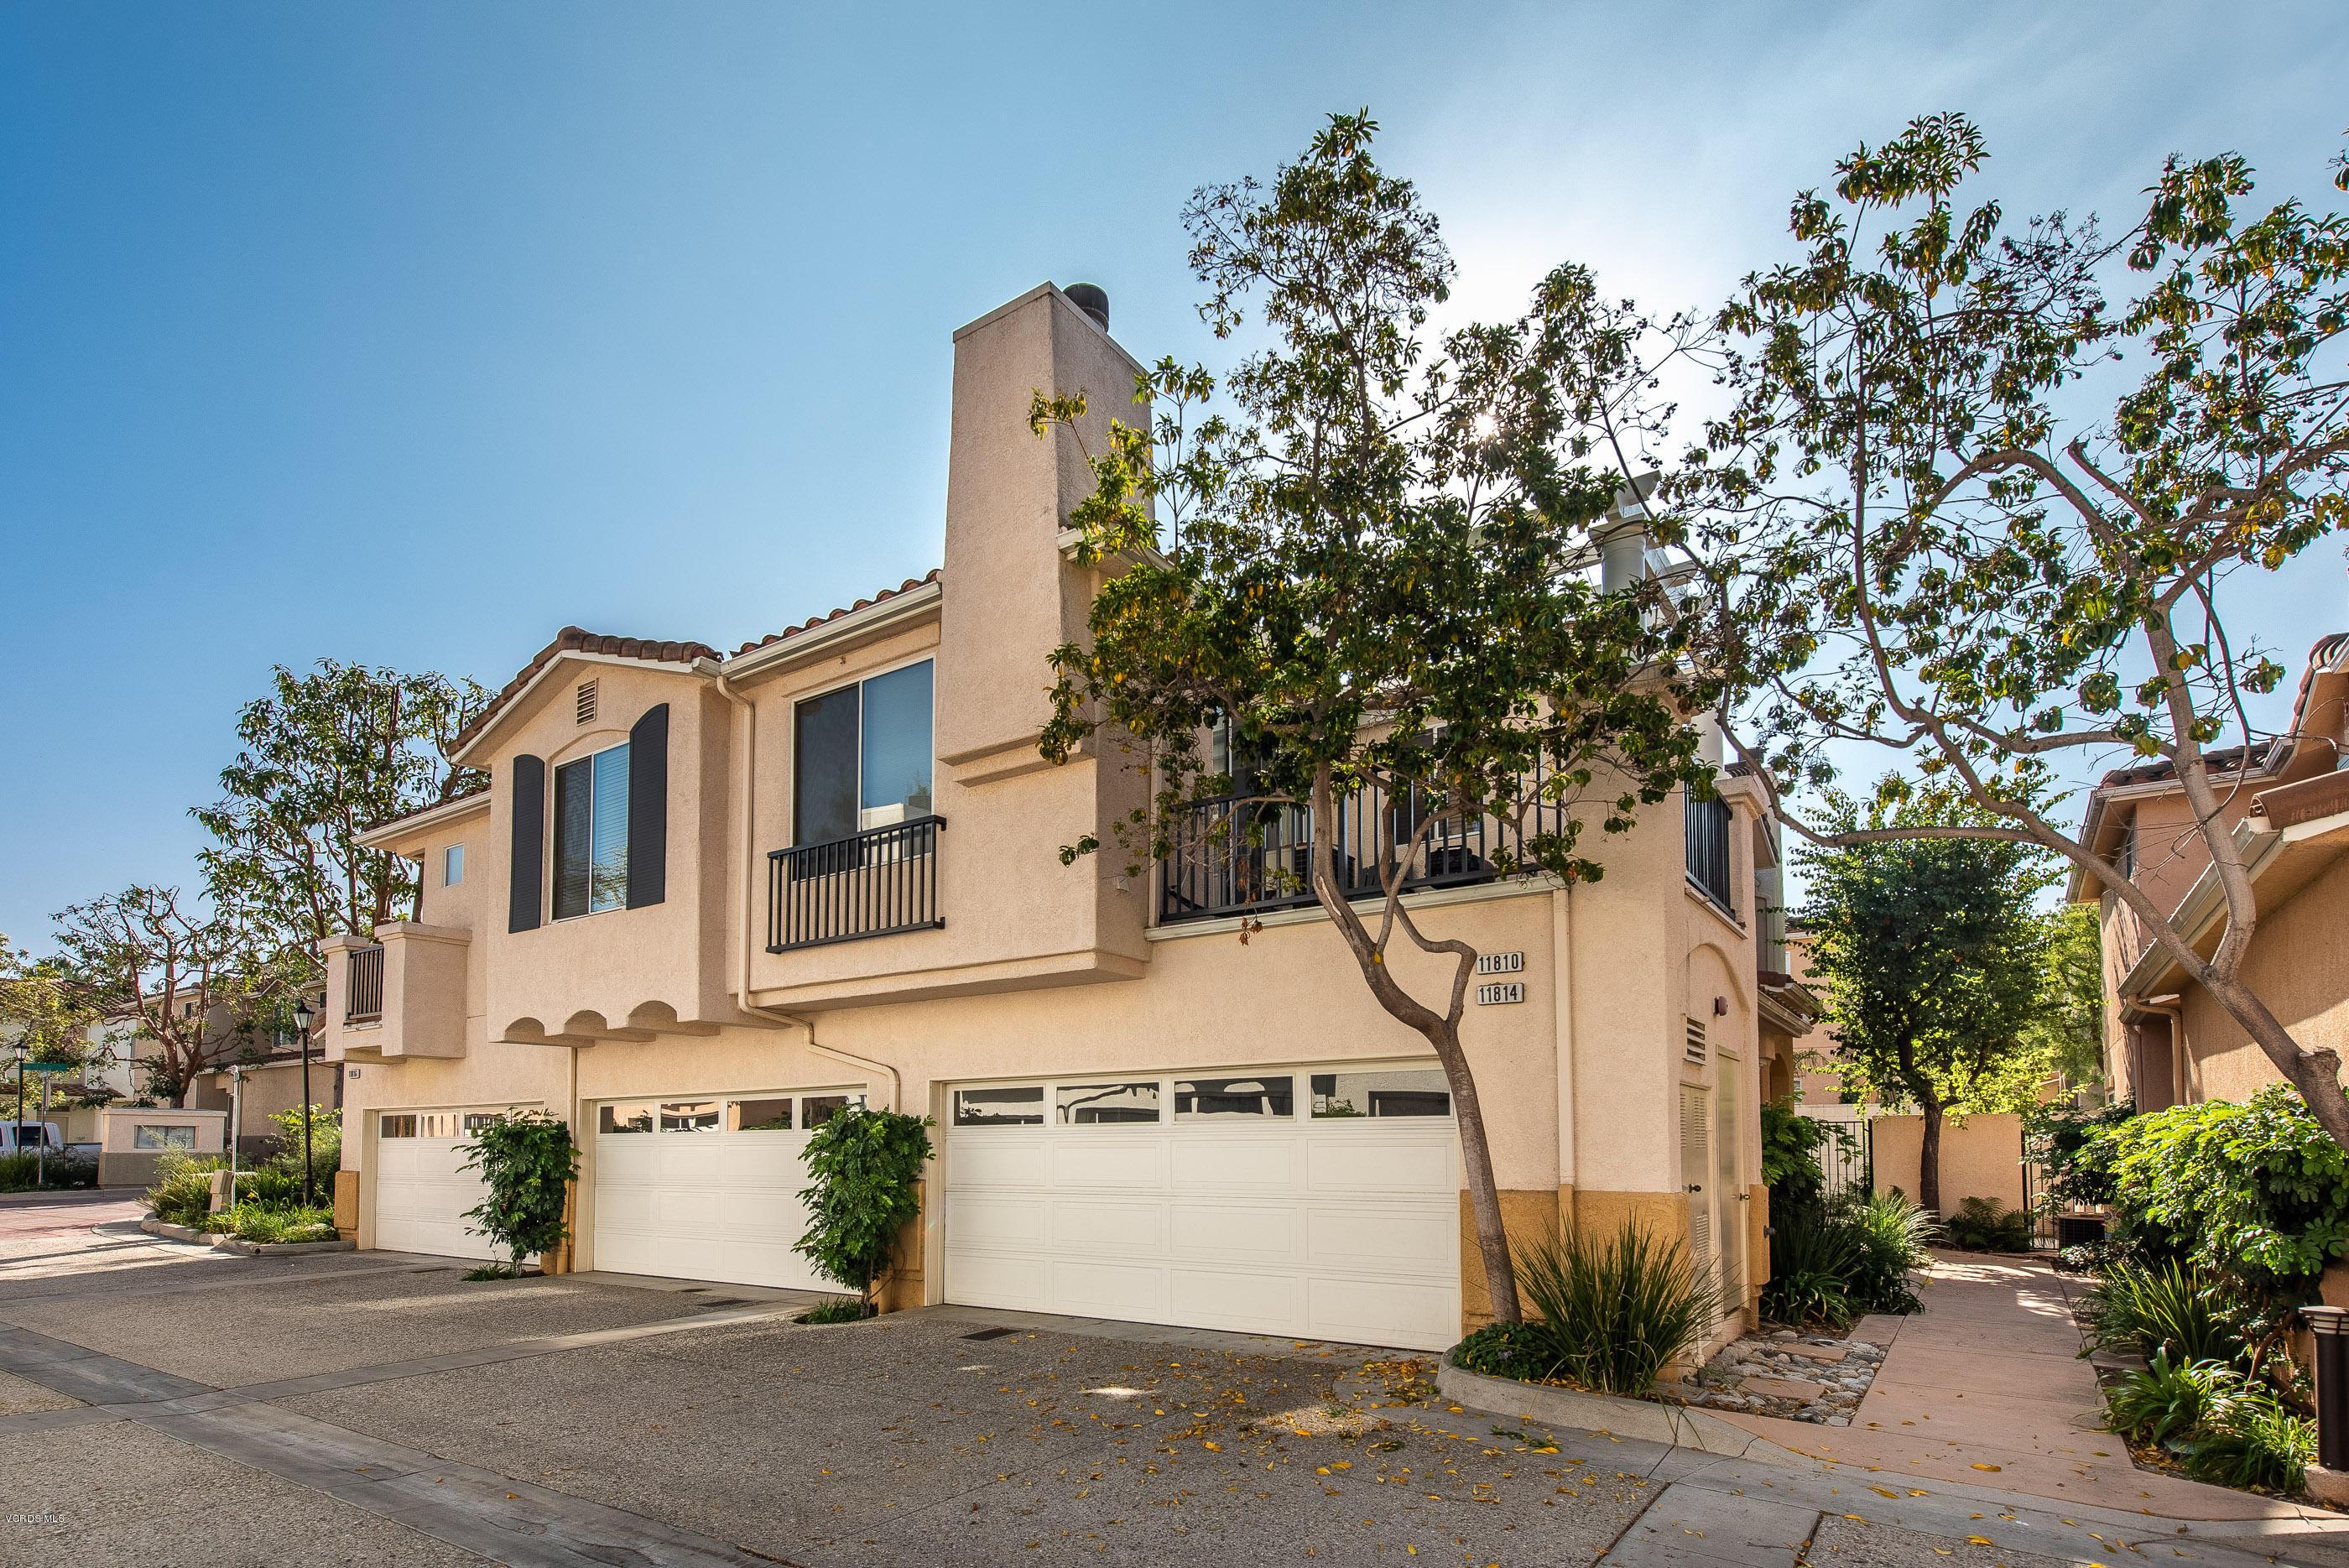 11814 Barletta Place, Moorpark, CA 93021